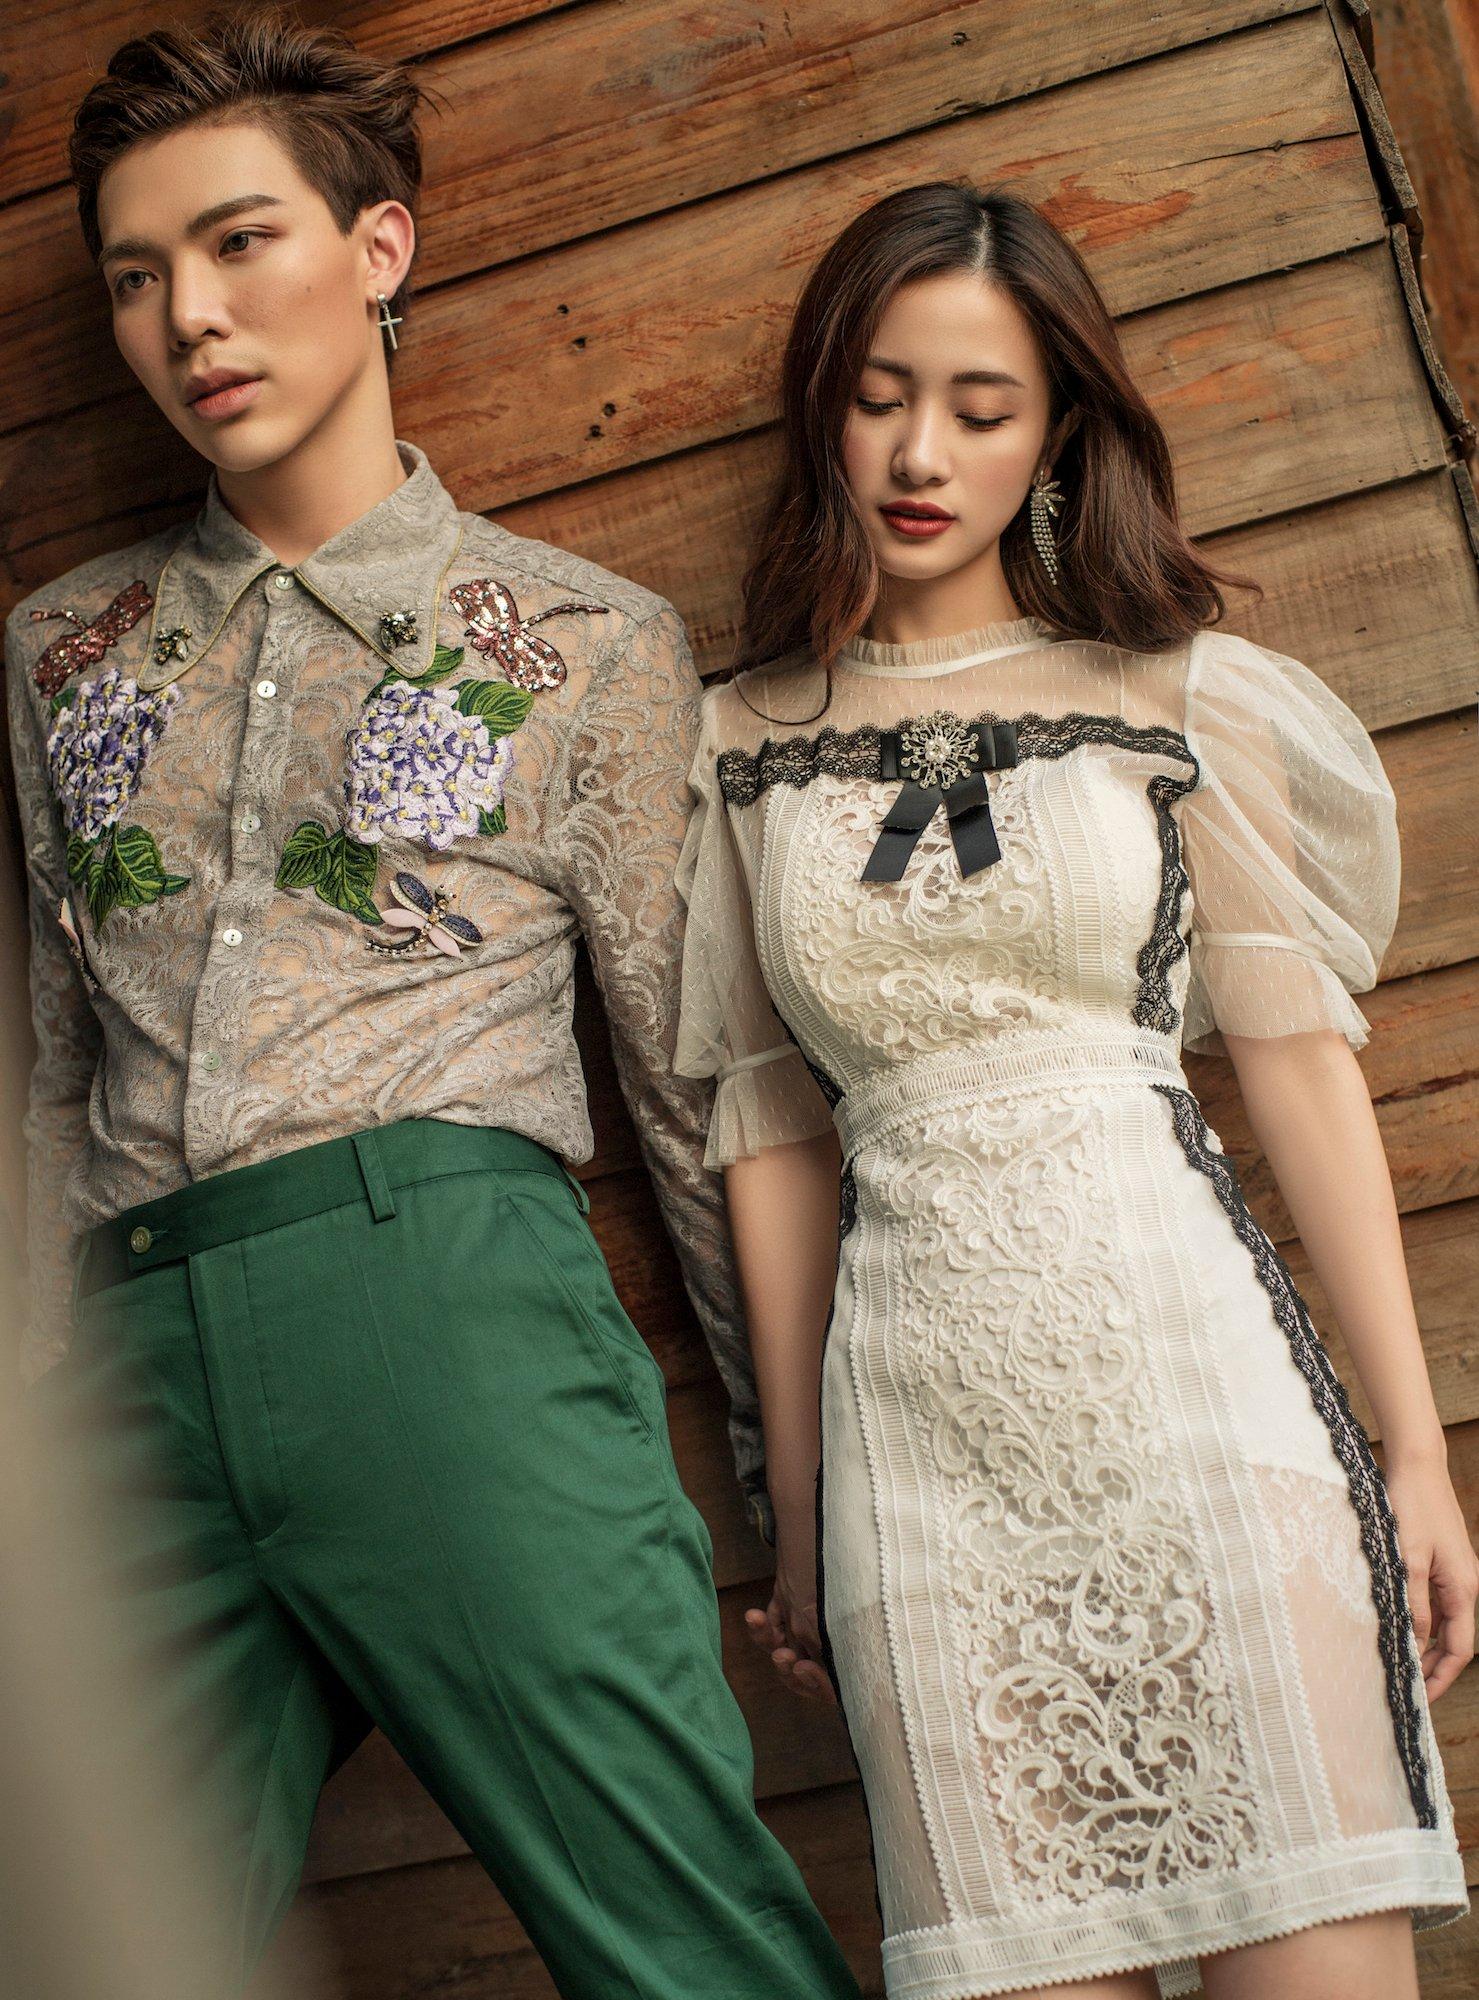 Bộ ảnh thời trang đẹp lung linh của Erik và Jun sau hit 'Chạm đáy nỗi đau'  4